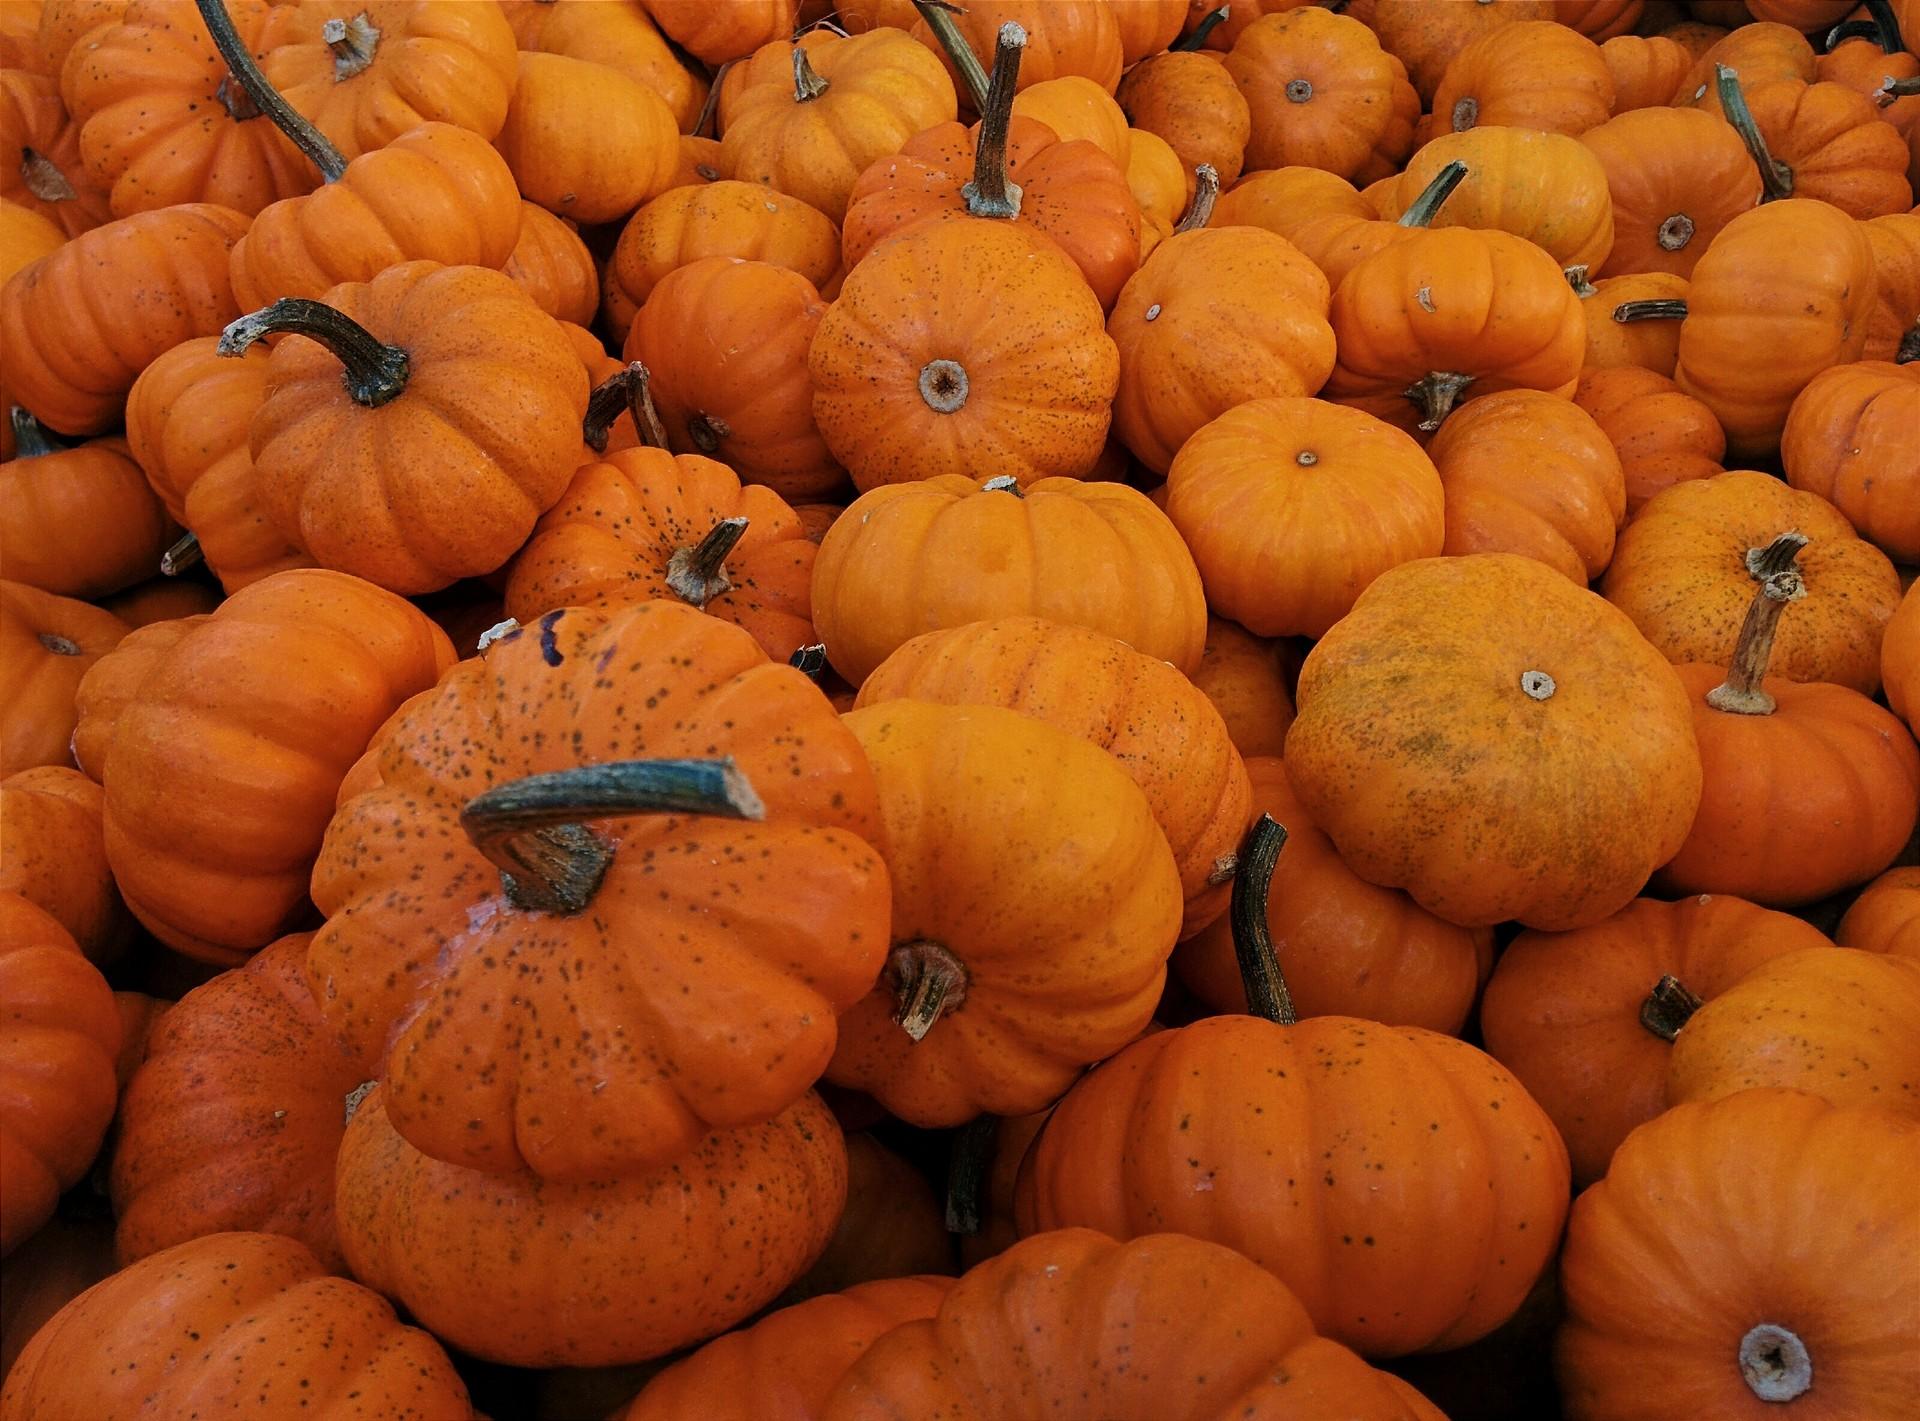 pumpkins. a lovely collection of pumpkins